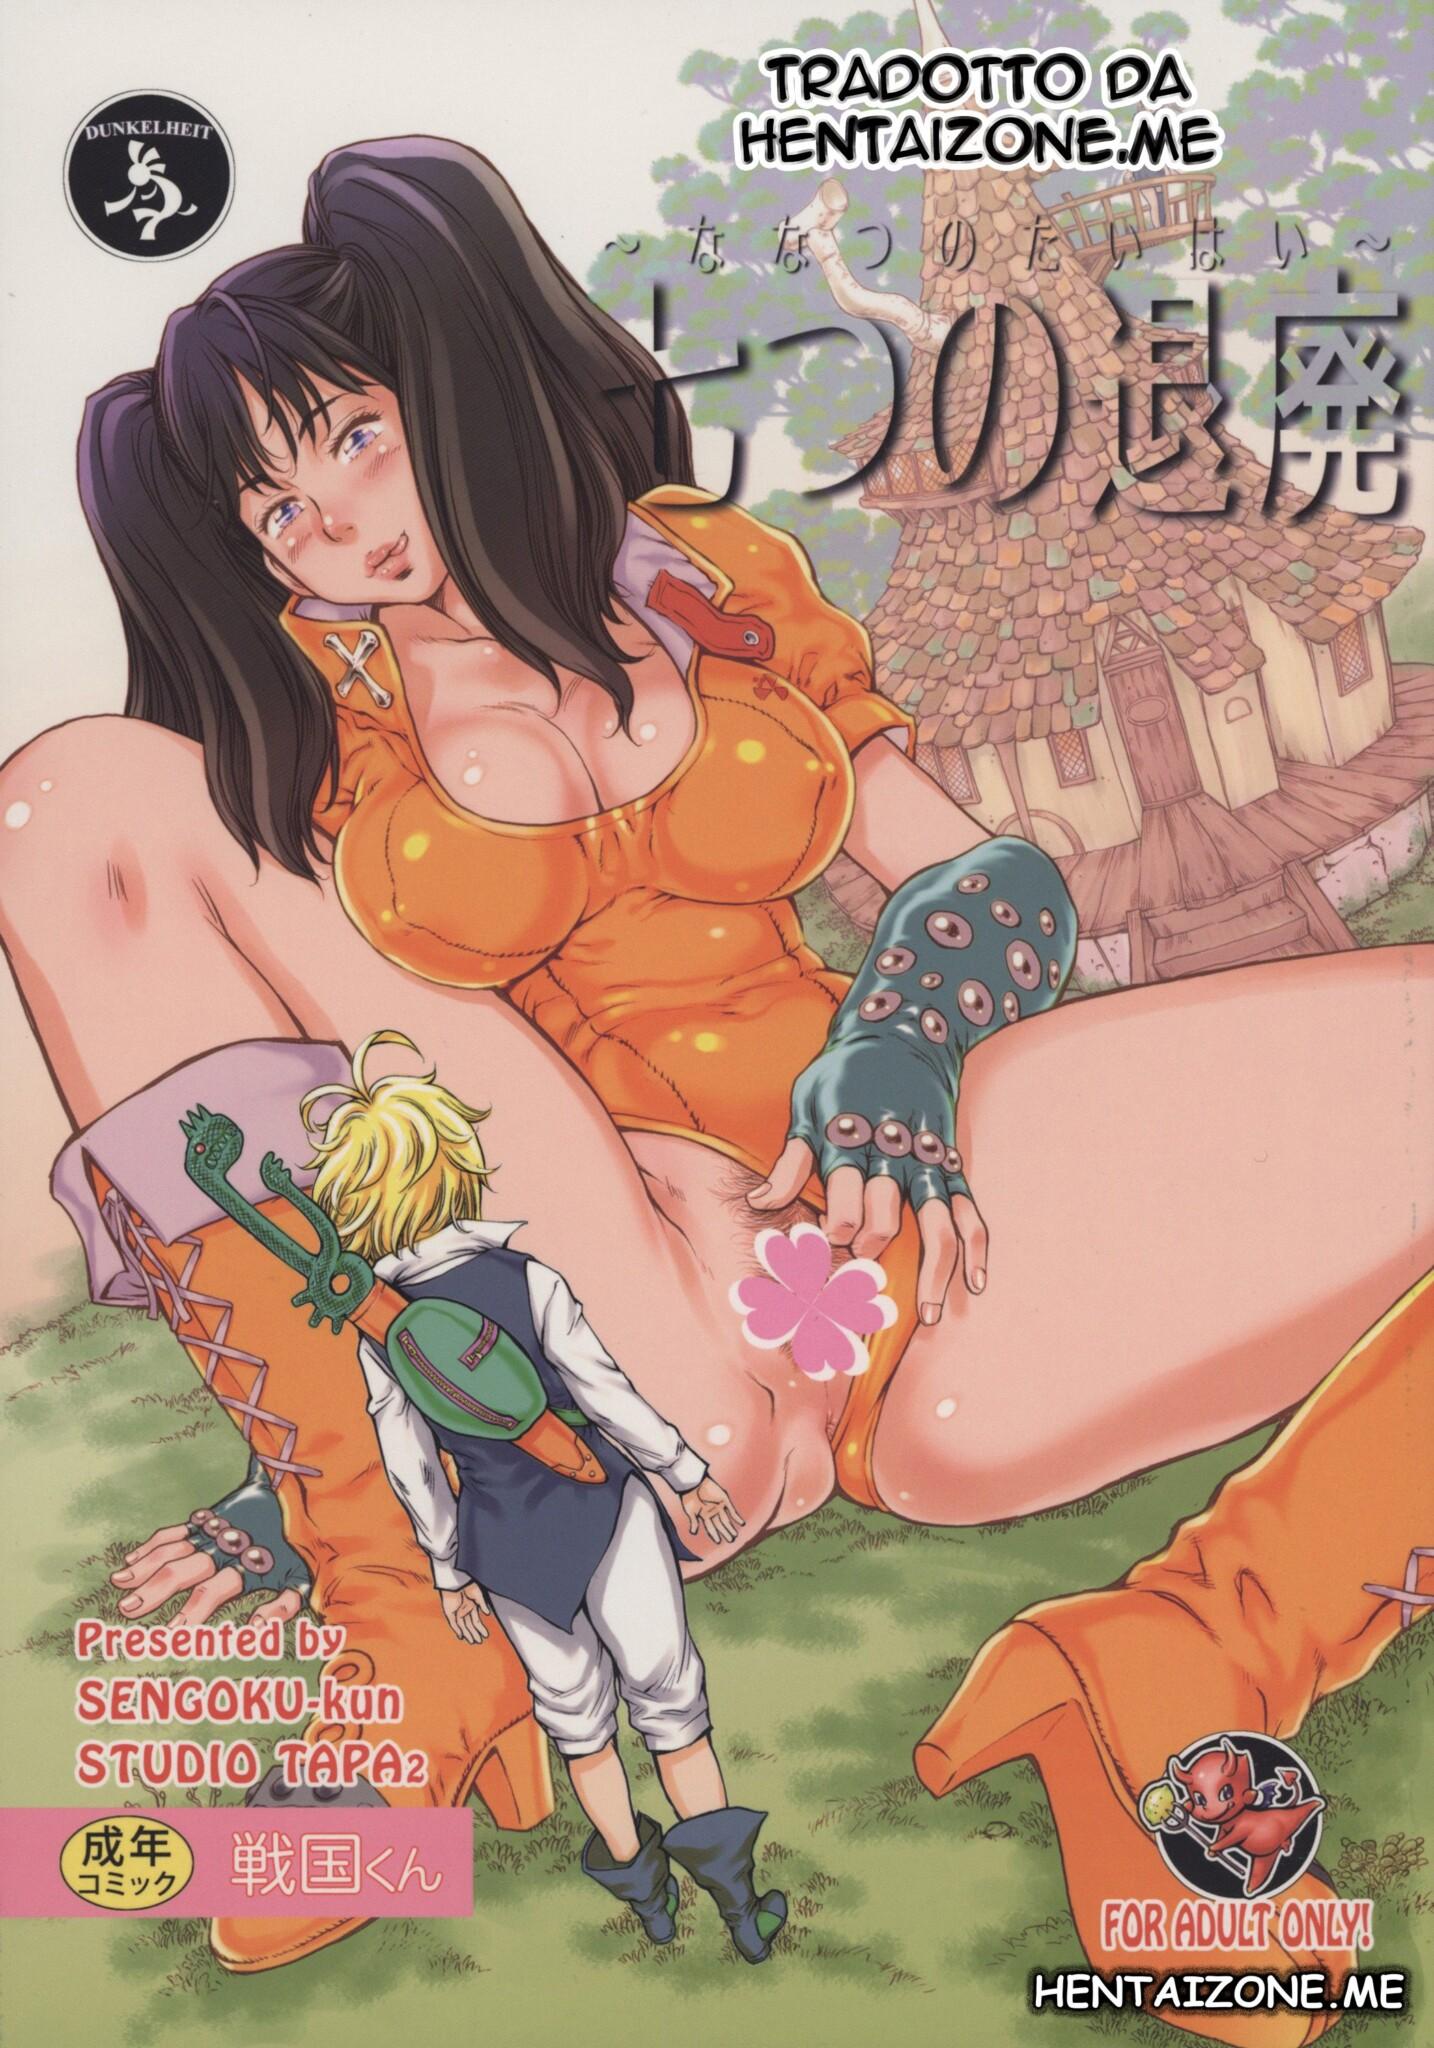 nanatsu no taizai hentai sevene deadly sin 7 peccati capitali hentai italiano free